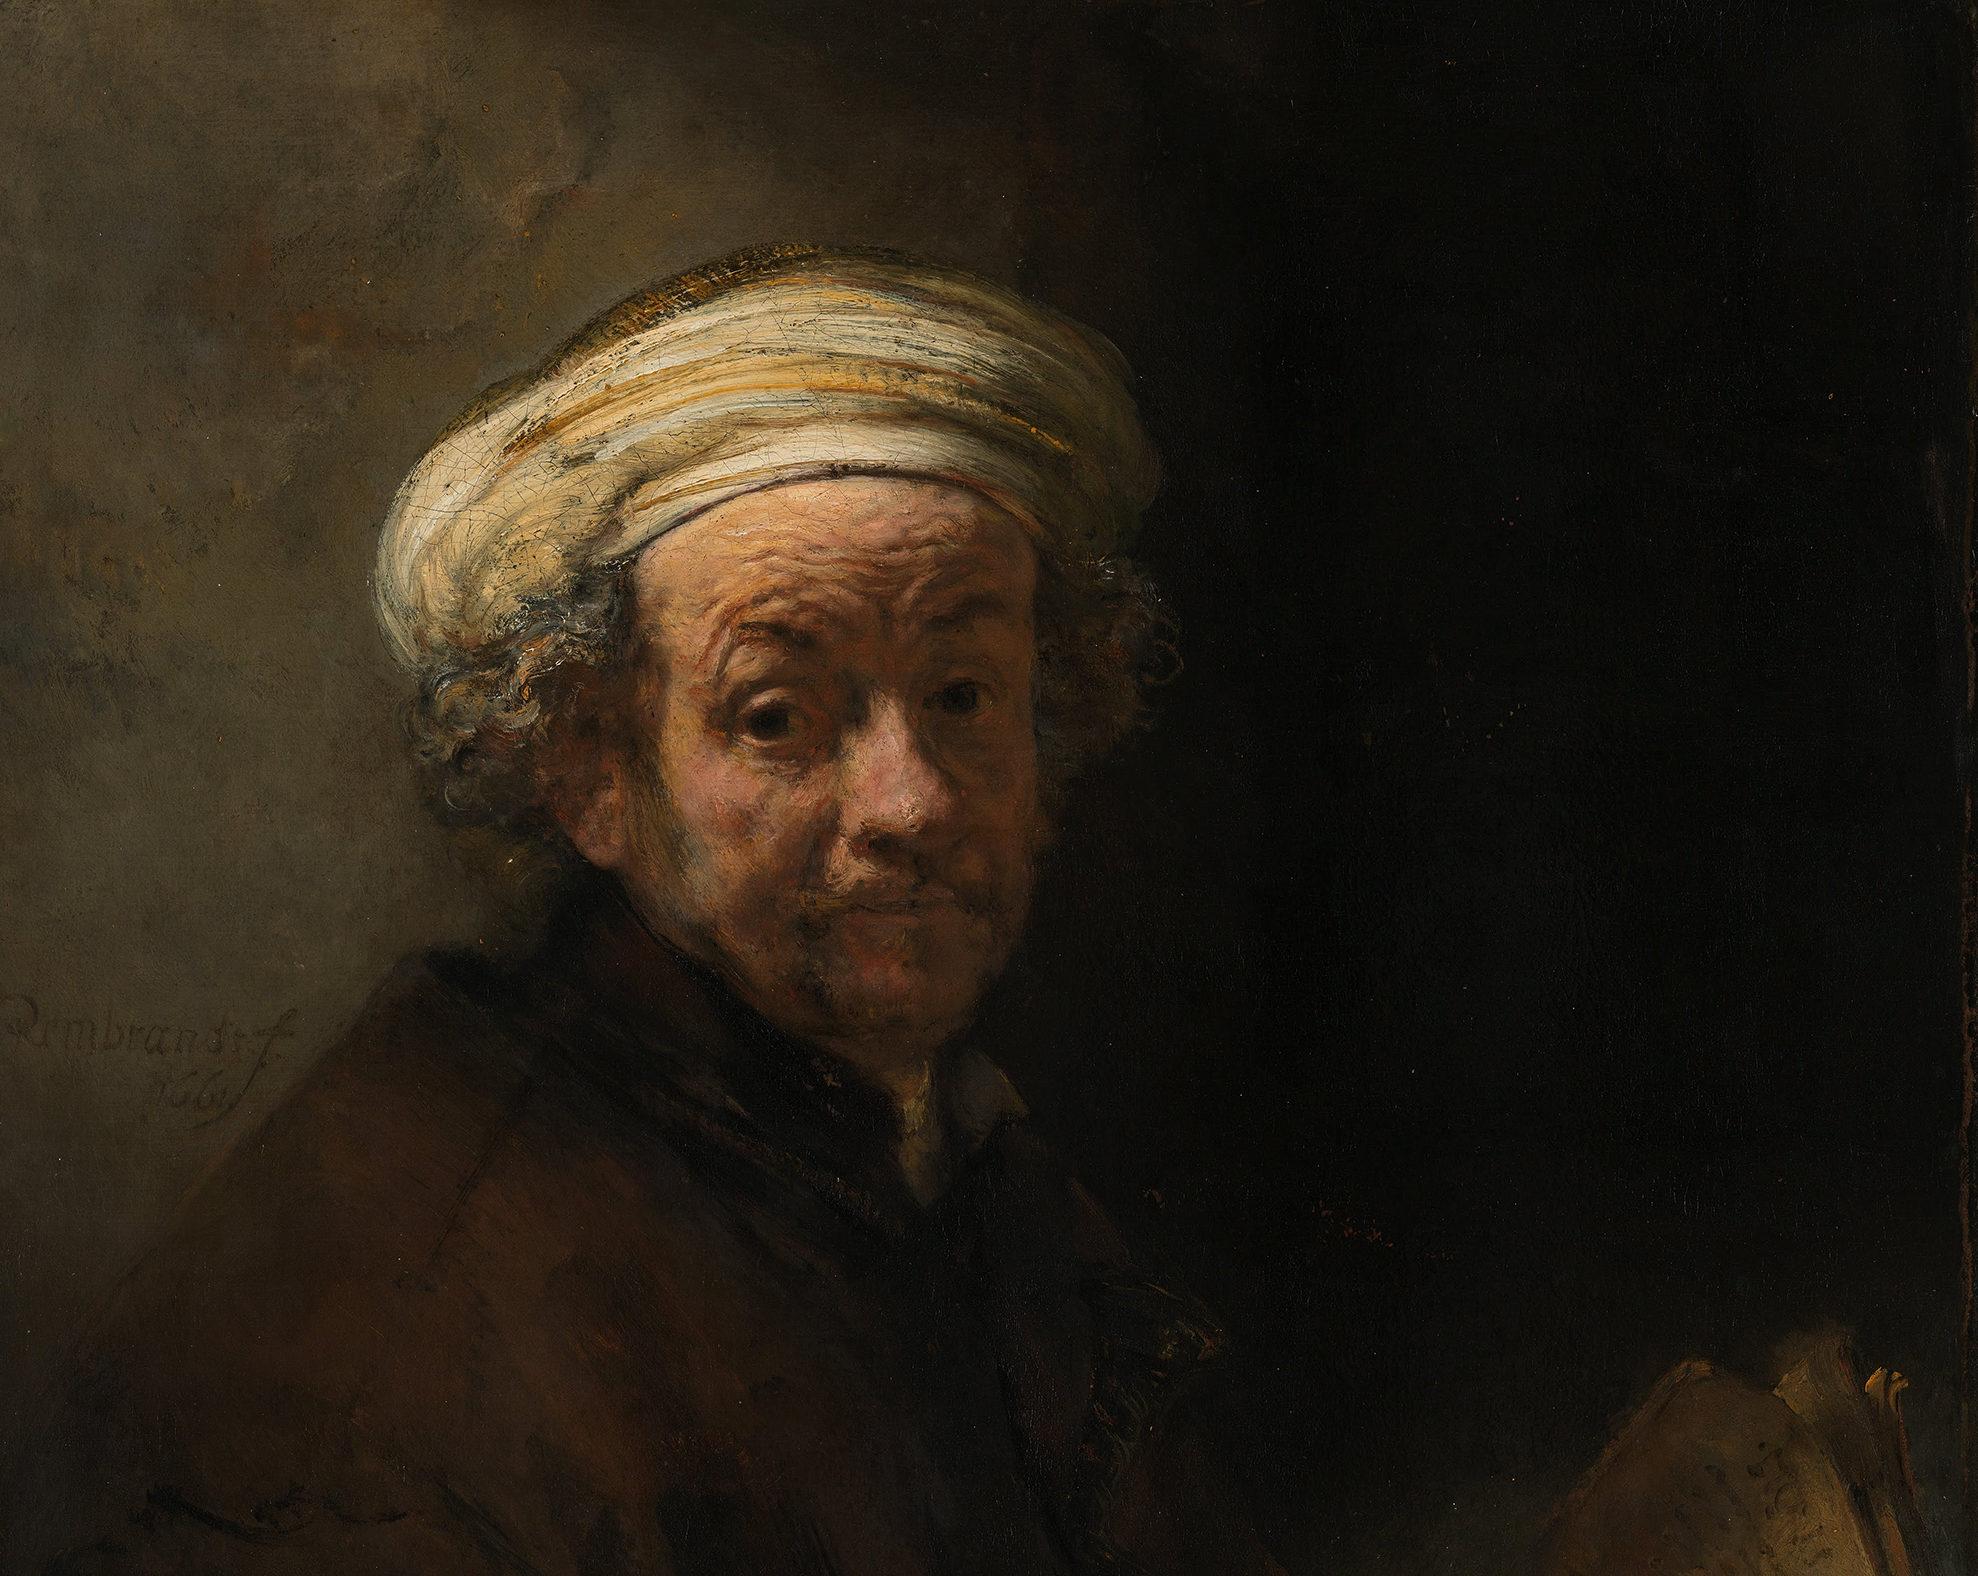 L'autoritratto come San Paolo: Rembrandt in mostra a Roma